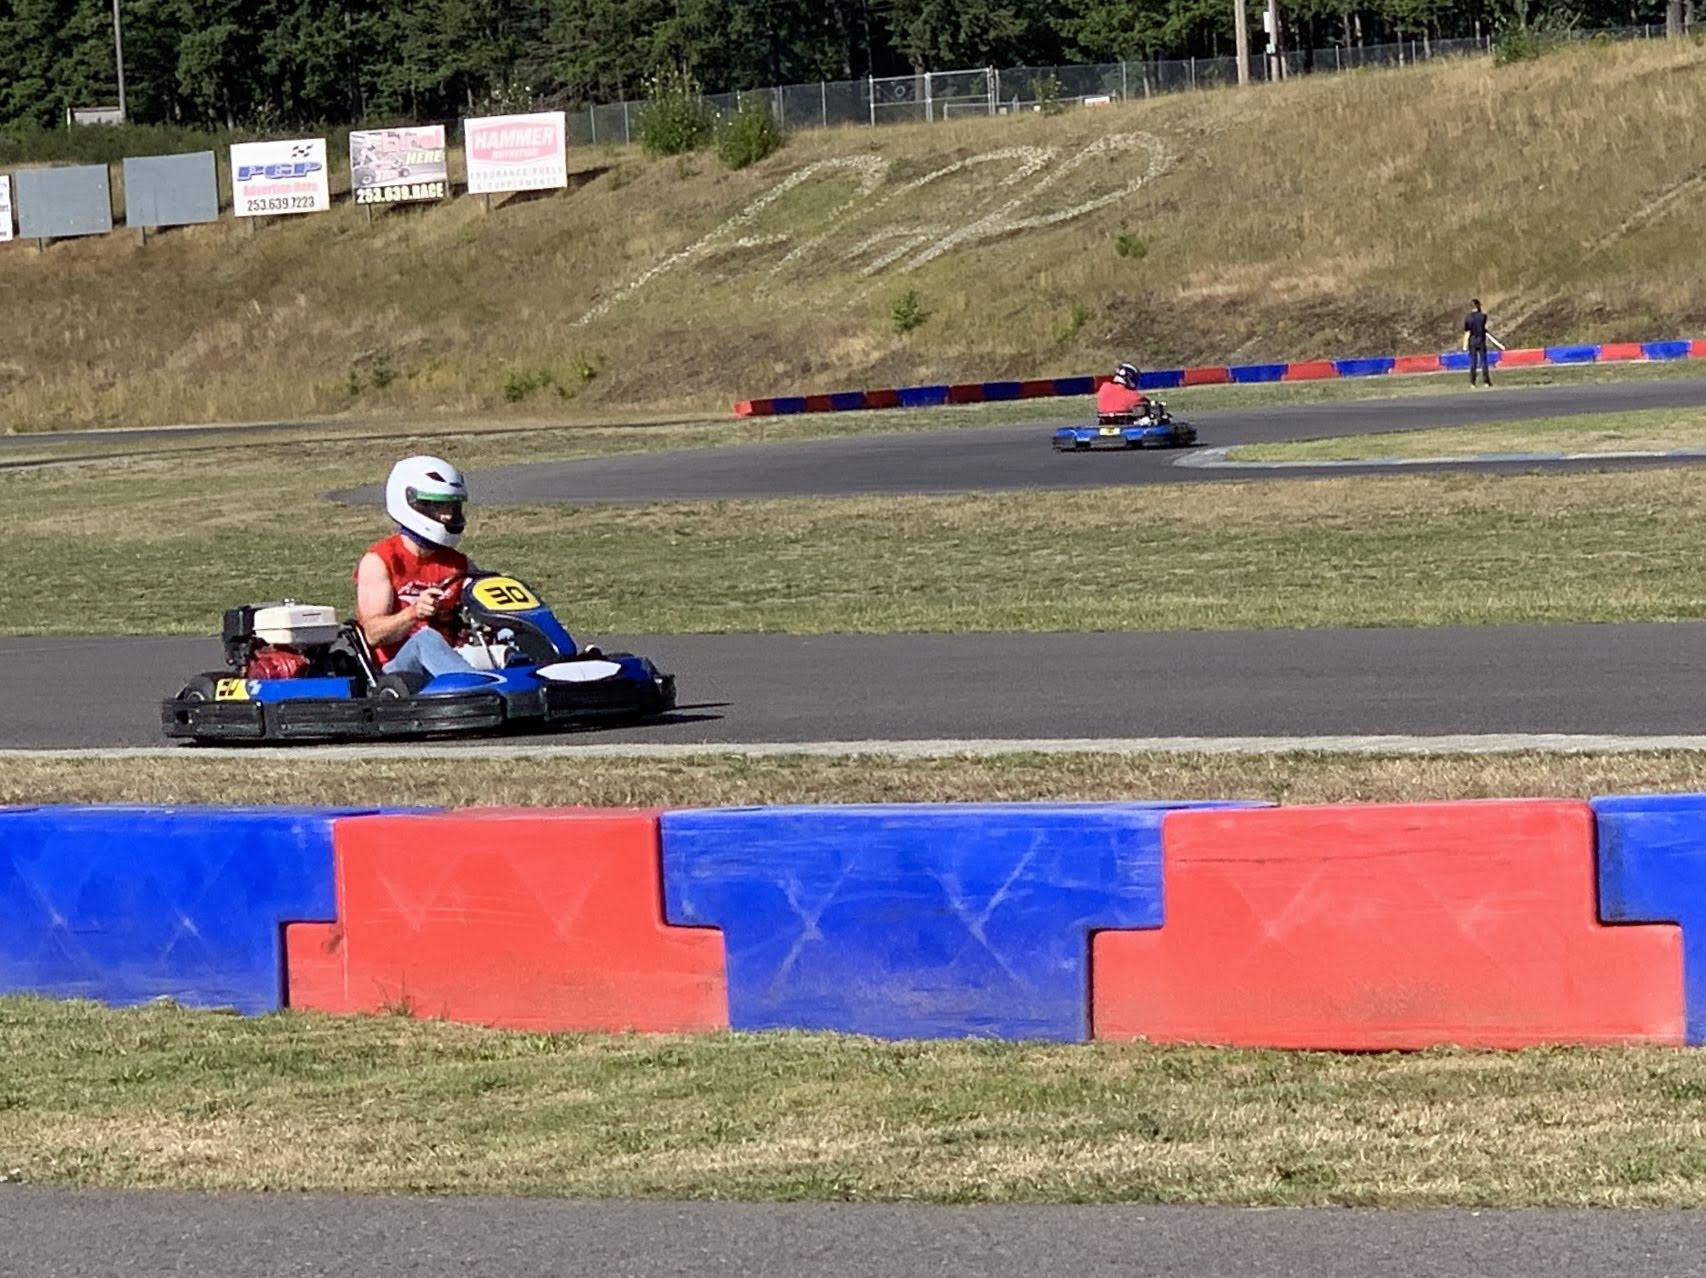 David Racing